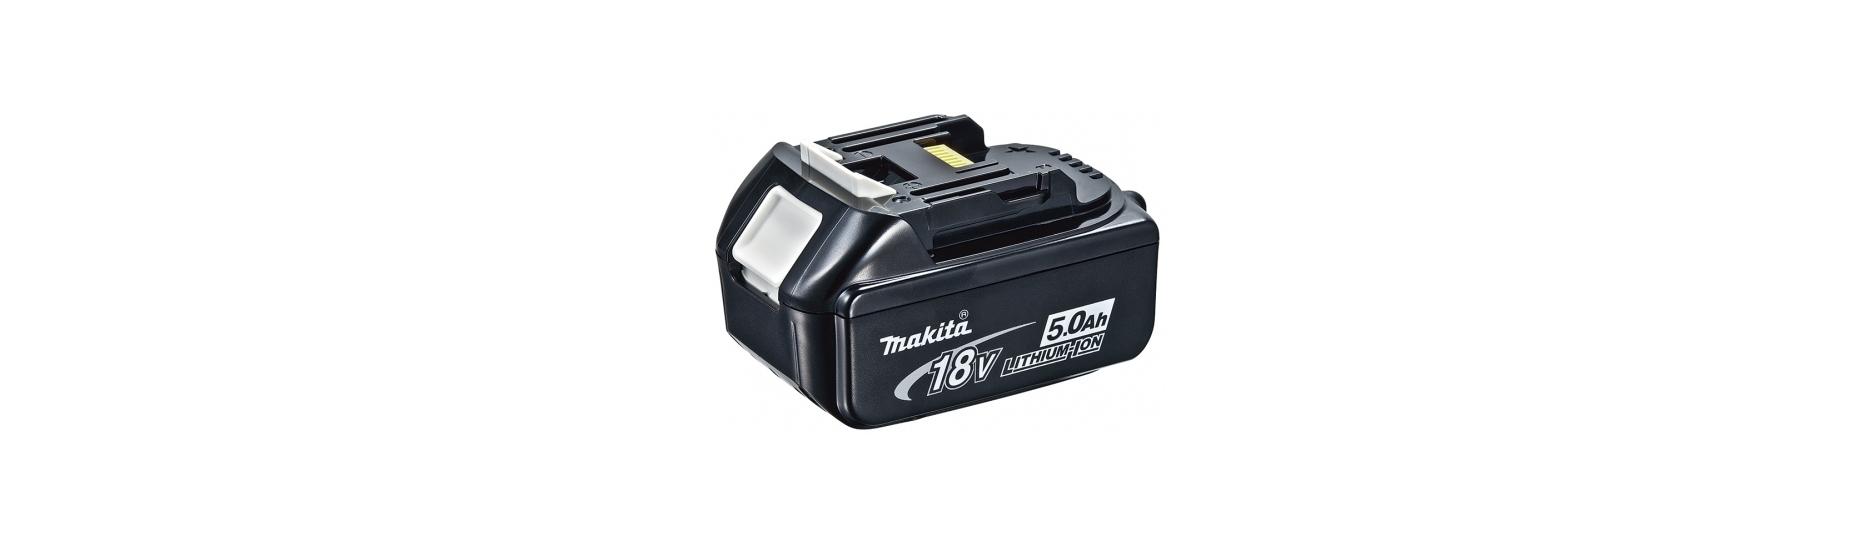 Baterías y Cargadores para herramienta Hitachi, Bosch, Makita